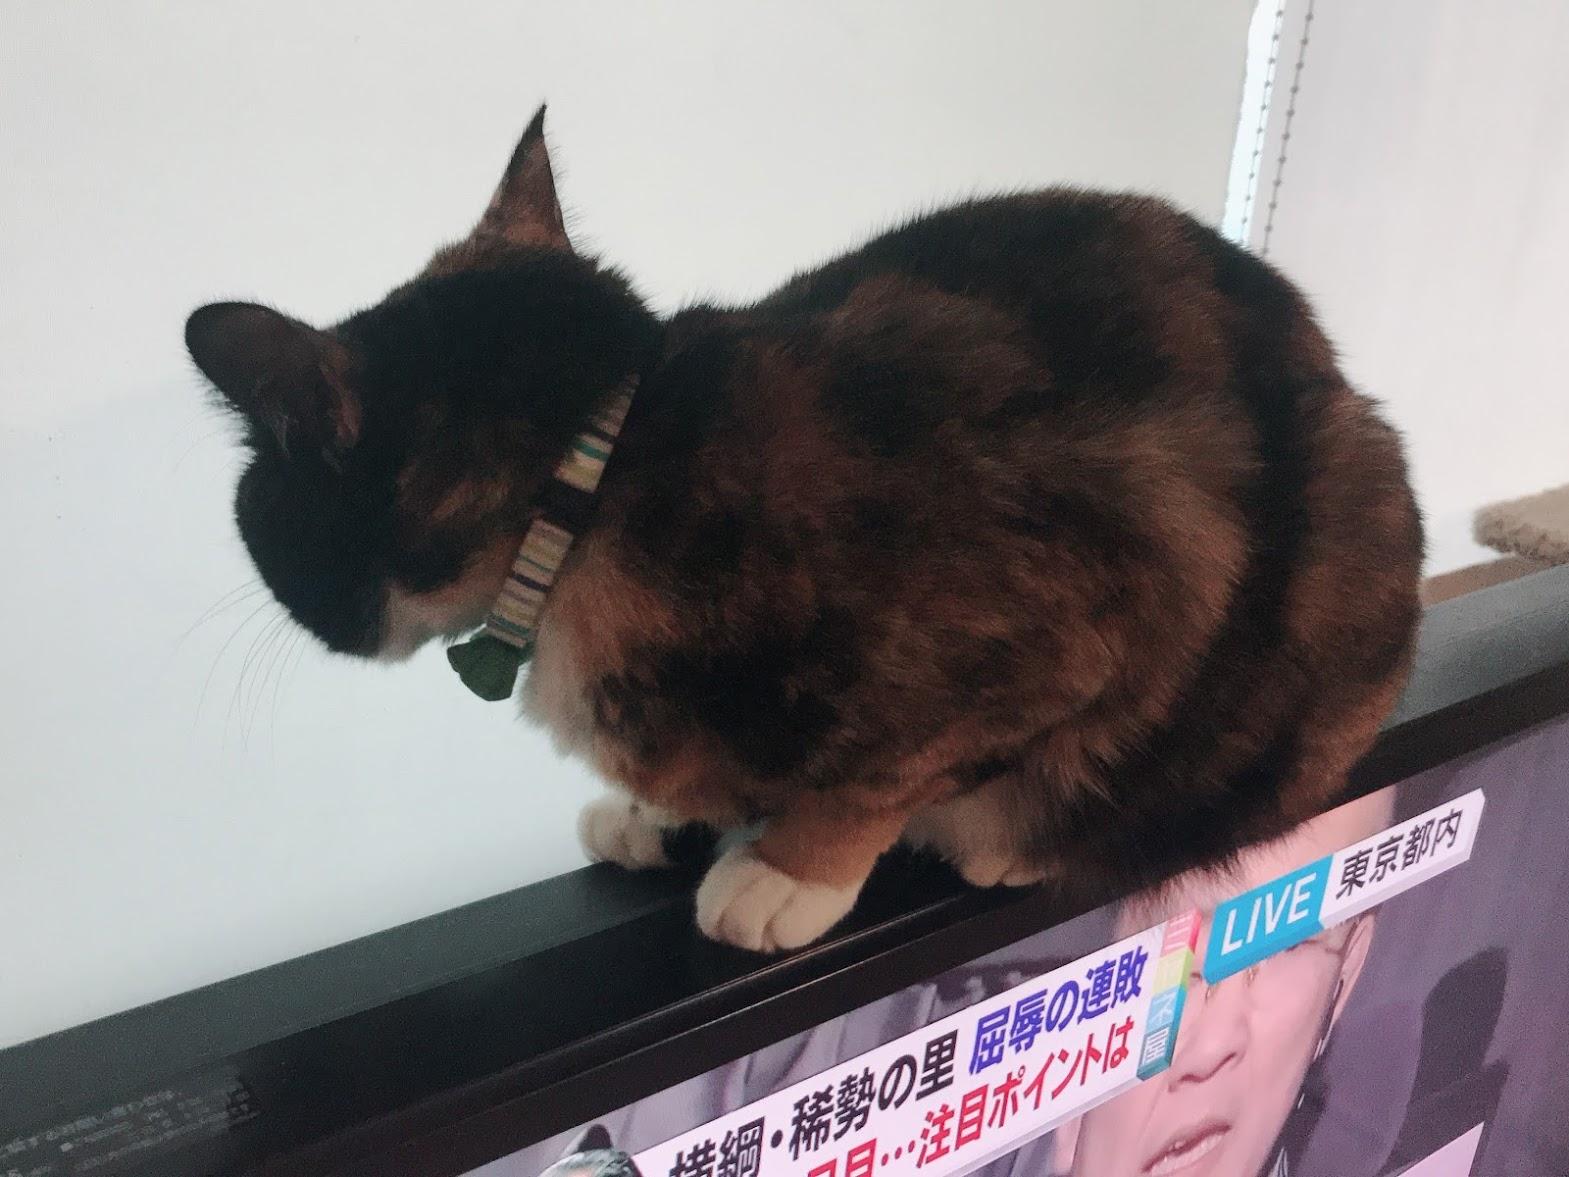 【りんこ編】Twitterに投稿しているPちゃんの日常4コマ漫画まとめ 猫が粗相をした時